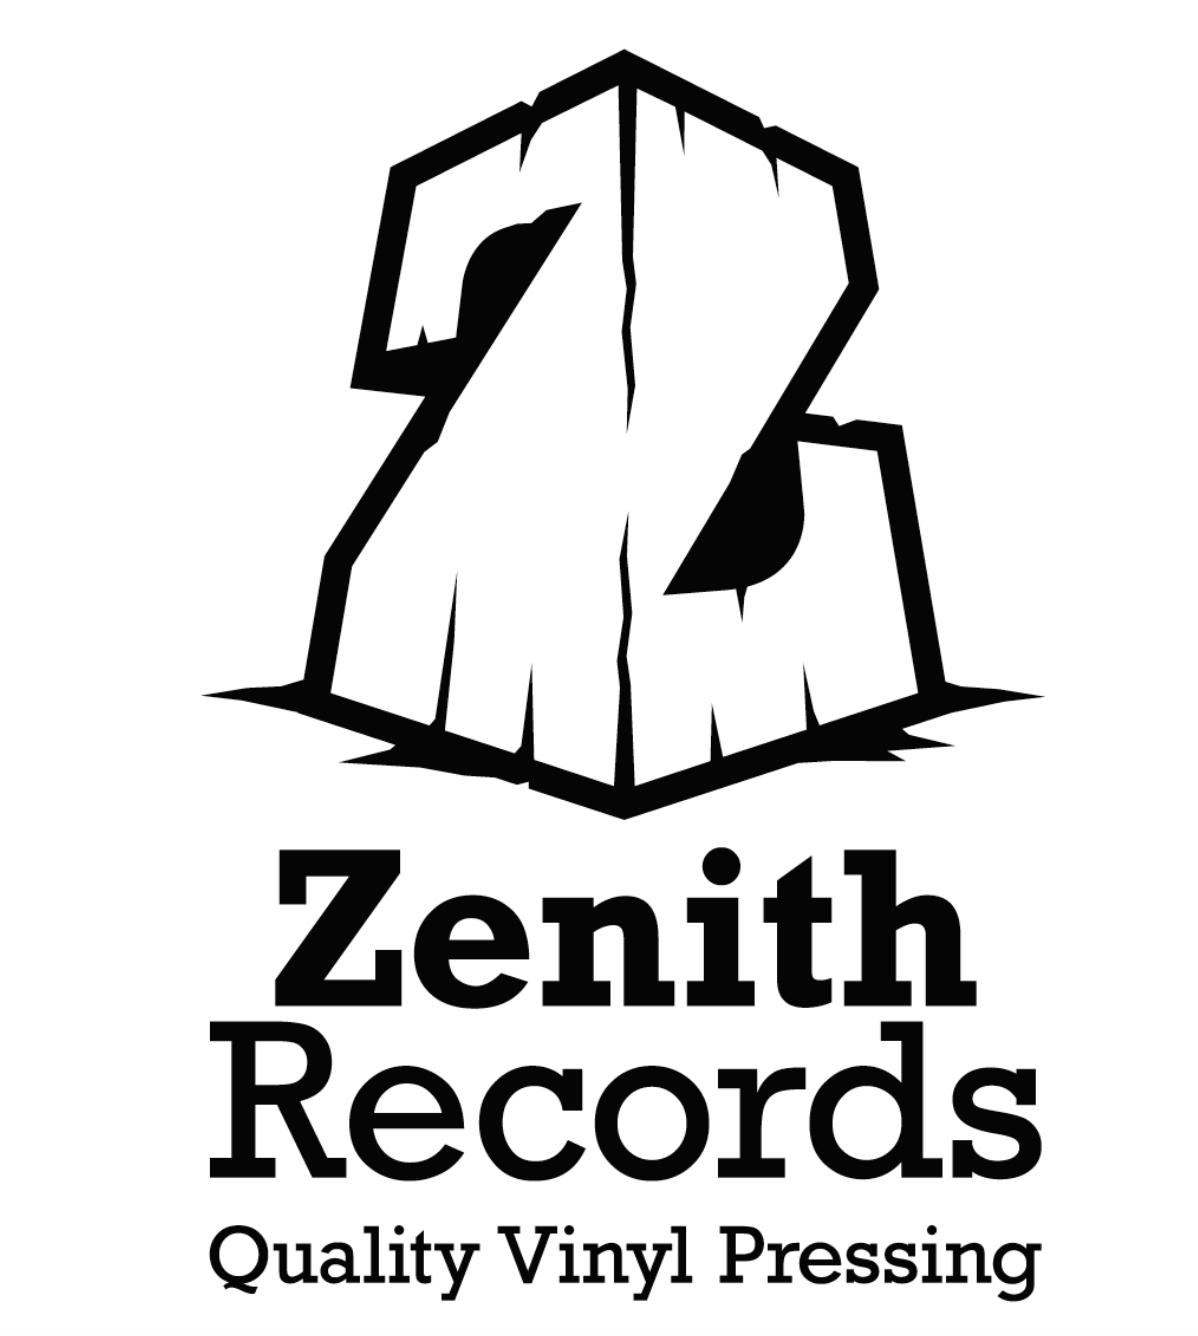 Zenith Records